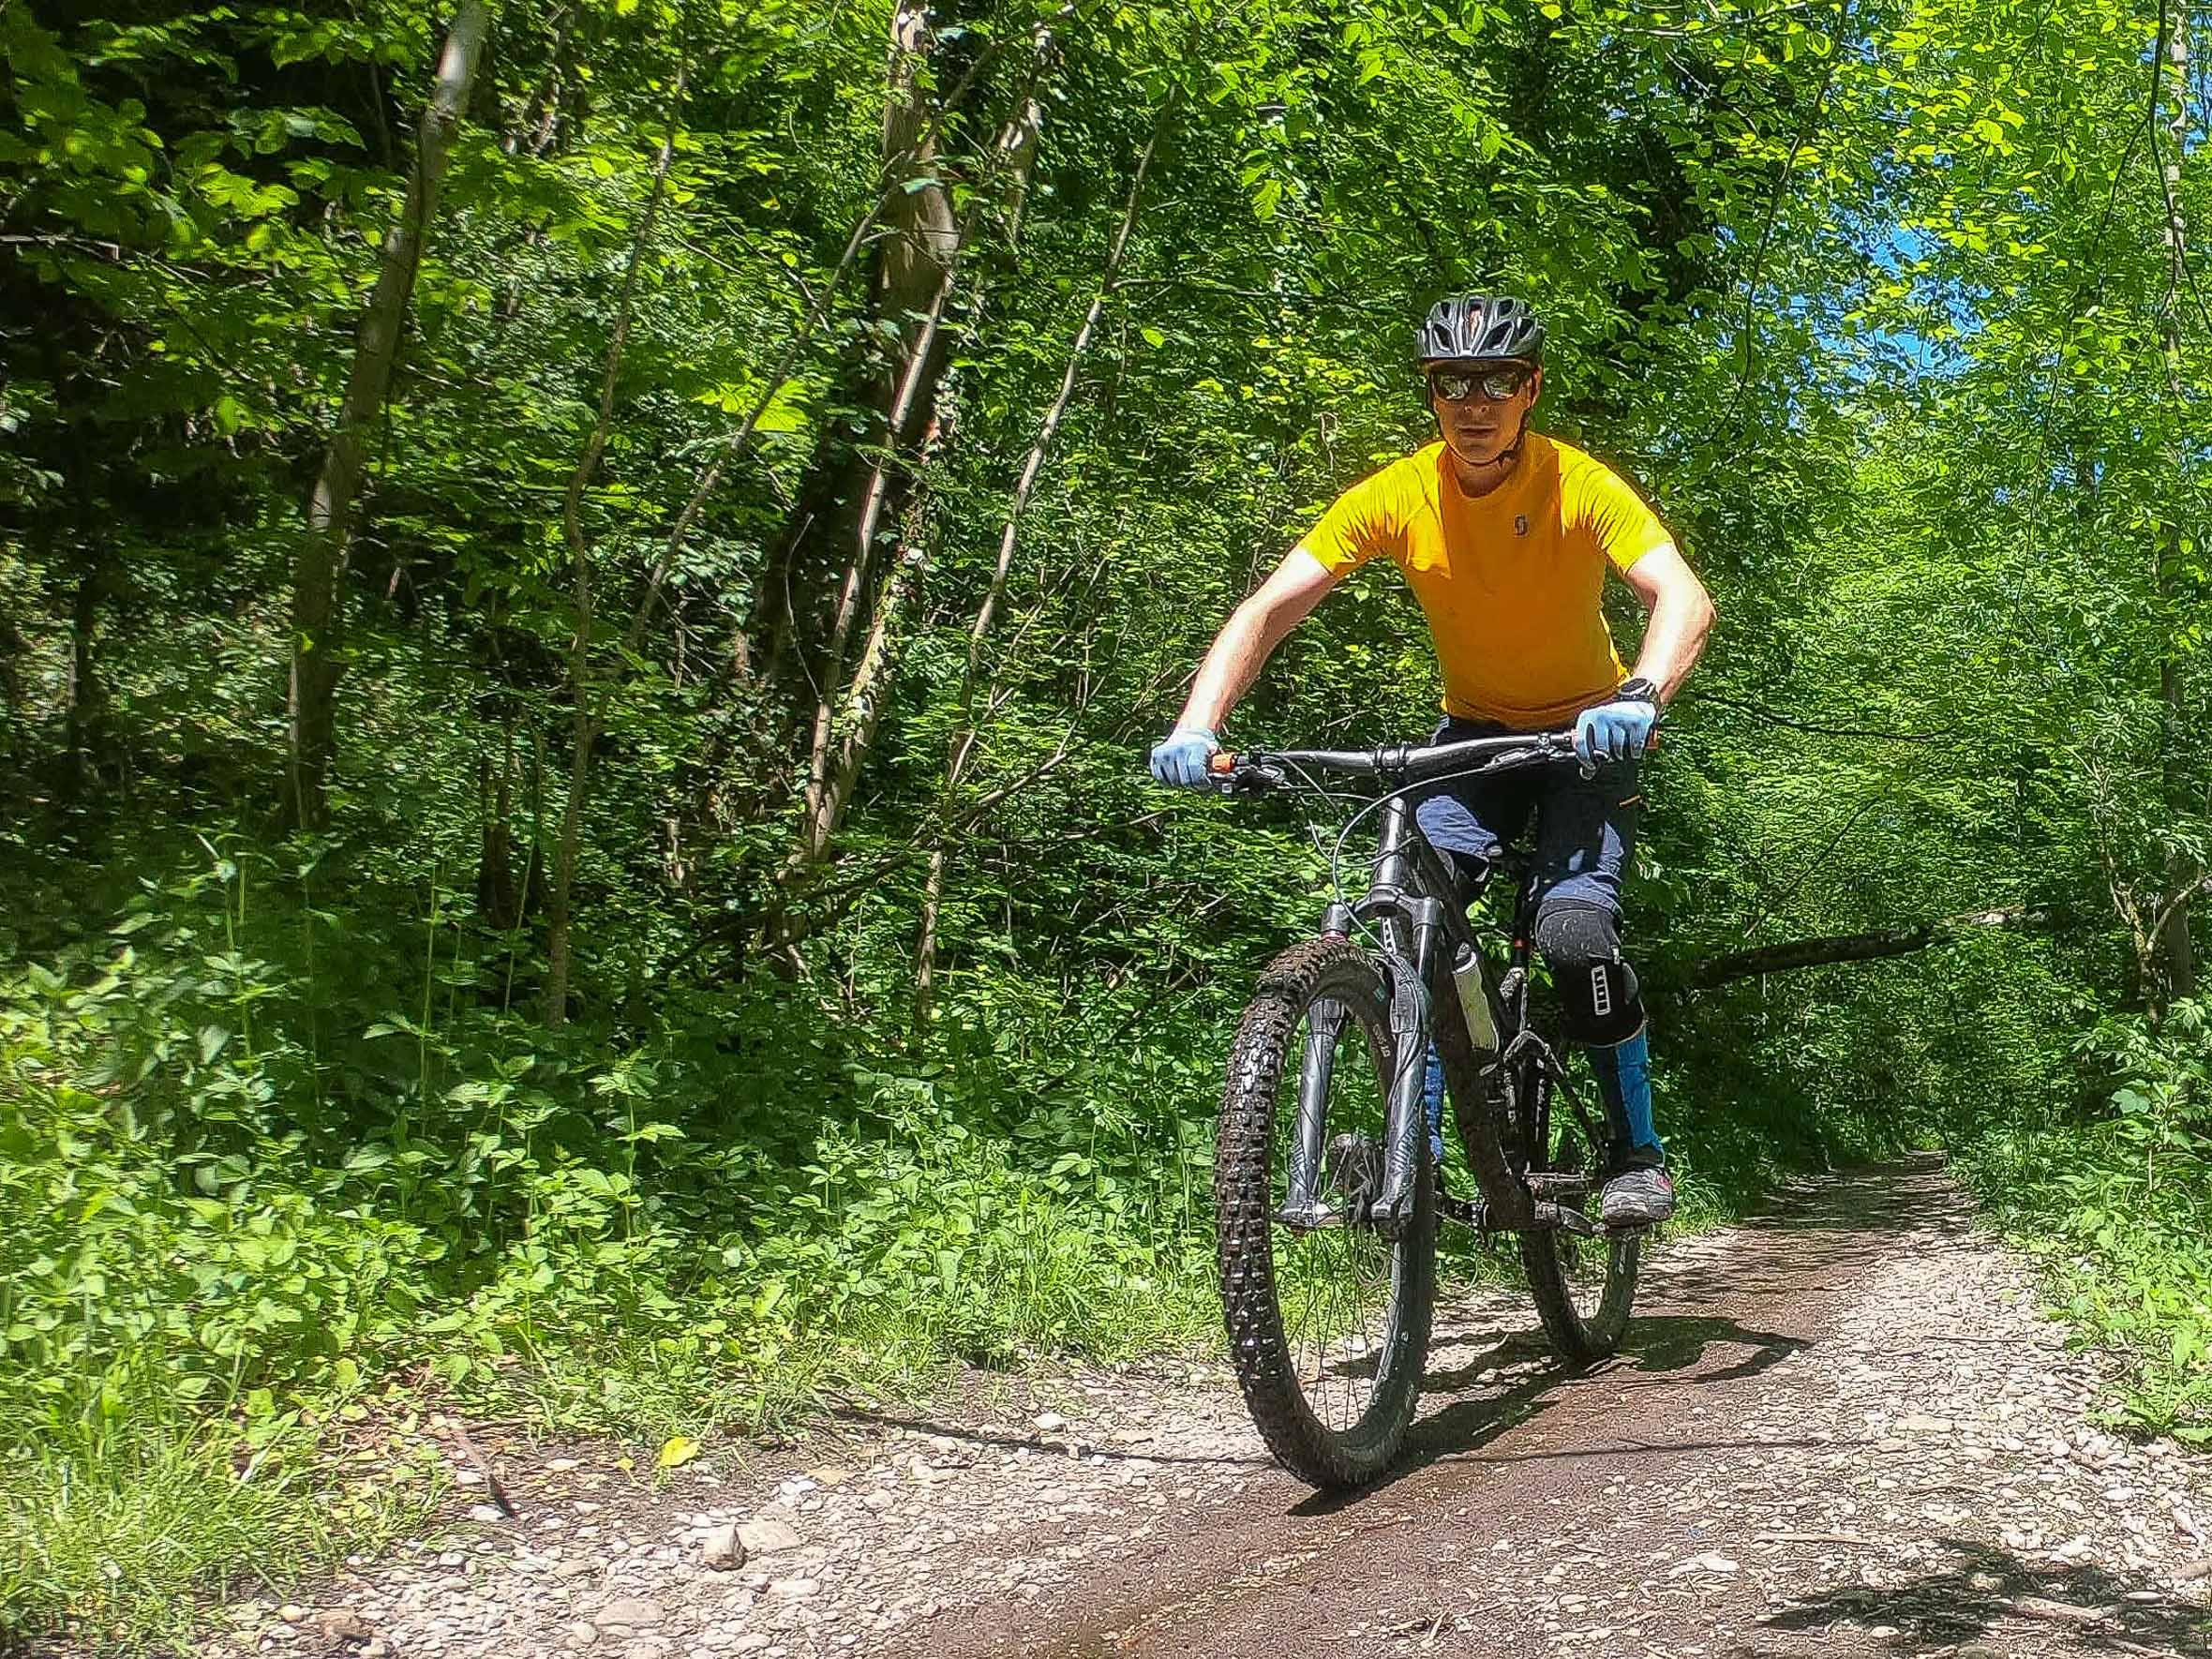 MTB Schienbeinschoner auf dem Trail